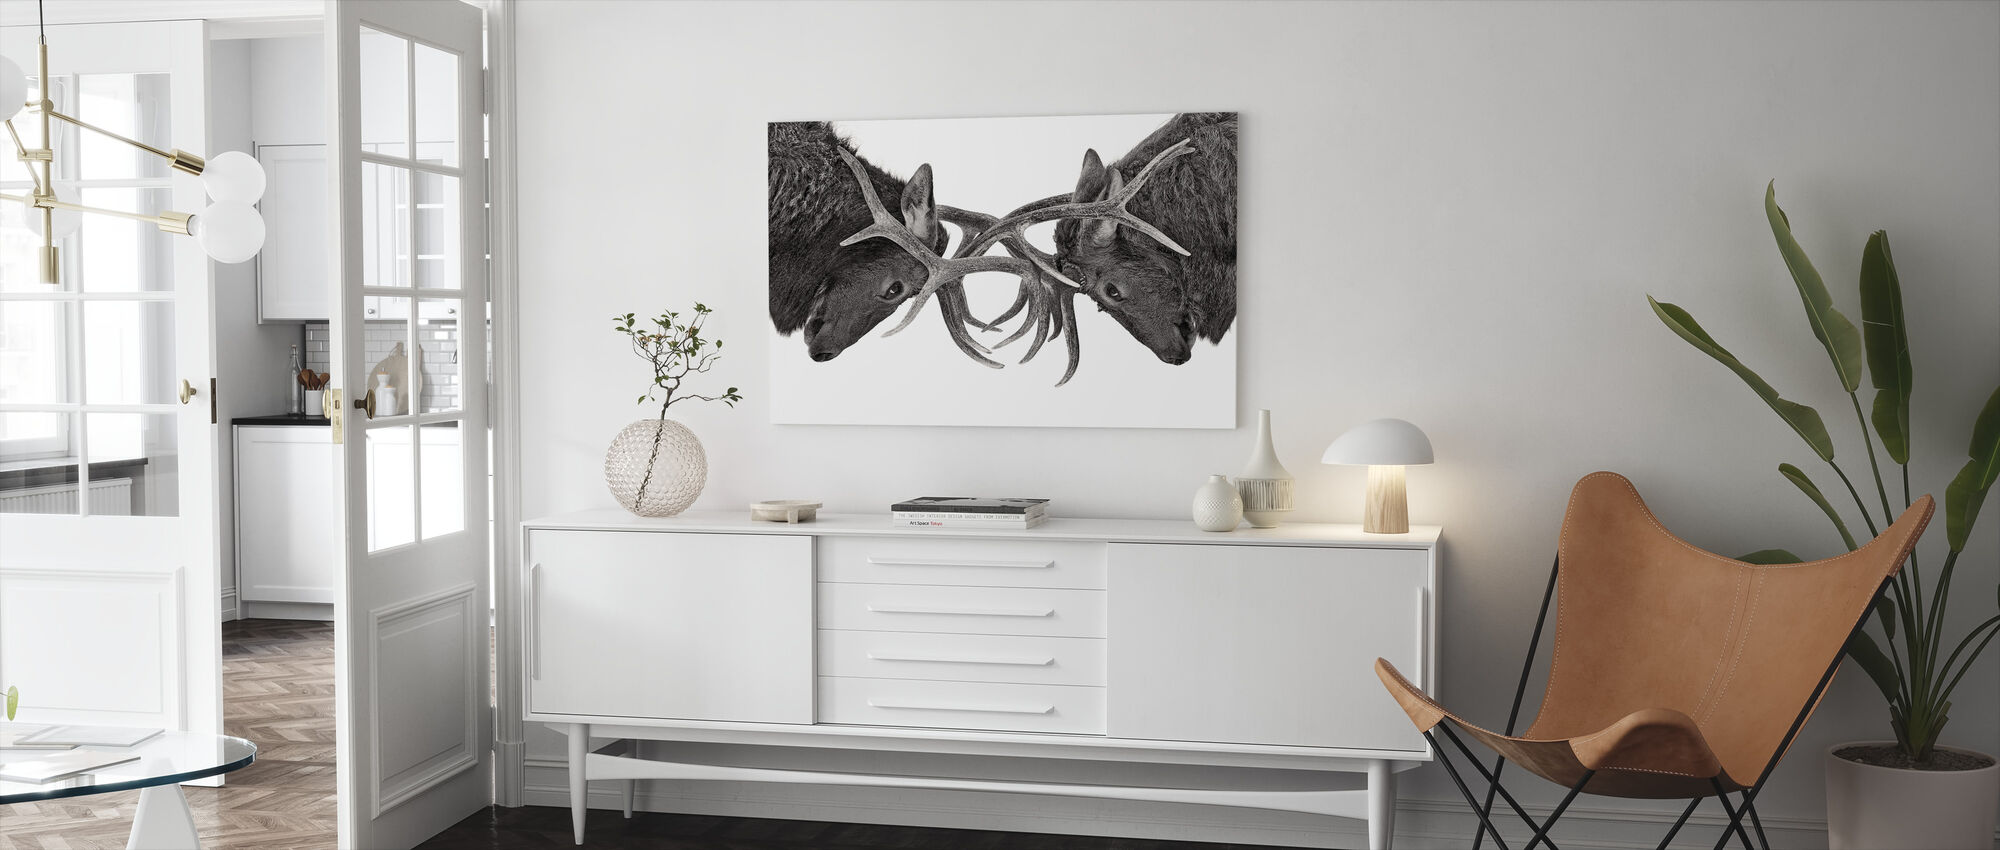 Eye to Eye - Elchkampf, schwarz/weiß - Leinwandbild - Wohnzimmer